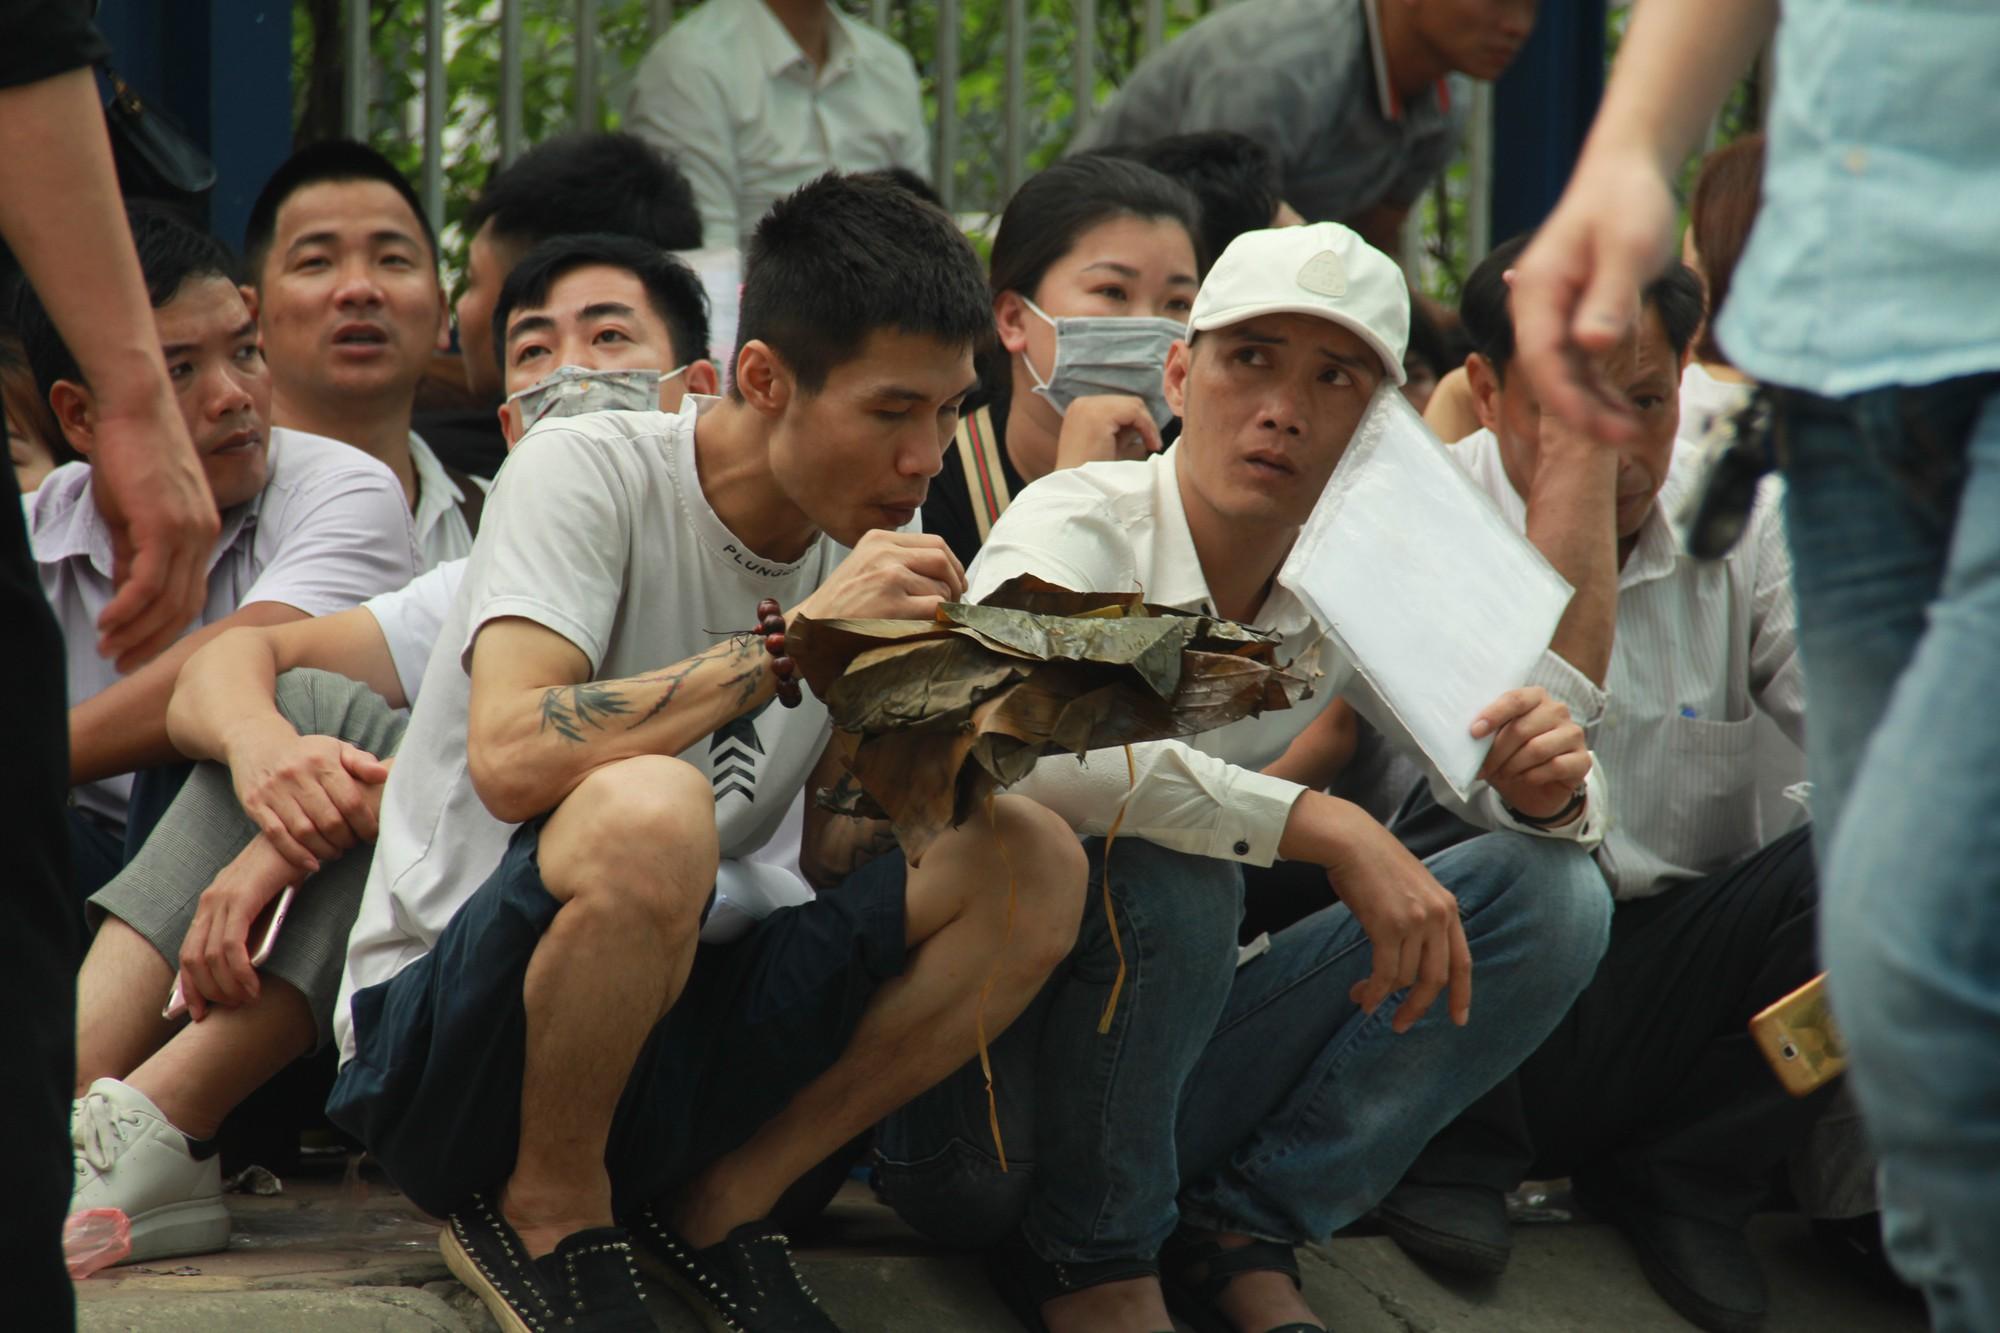 Cận cảnh hàng nghìn người xếp hàng trước Đại sứ quán Hàn Quốc chờ làm visa - Ảnh 9.